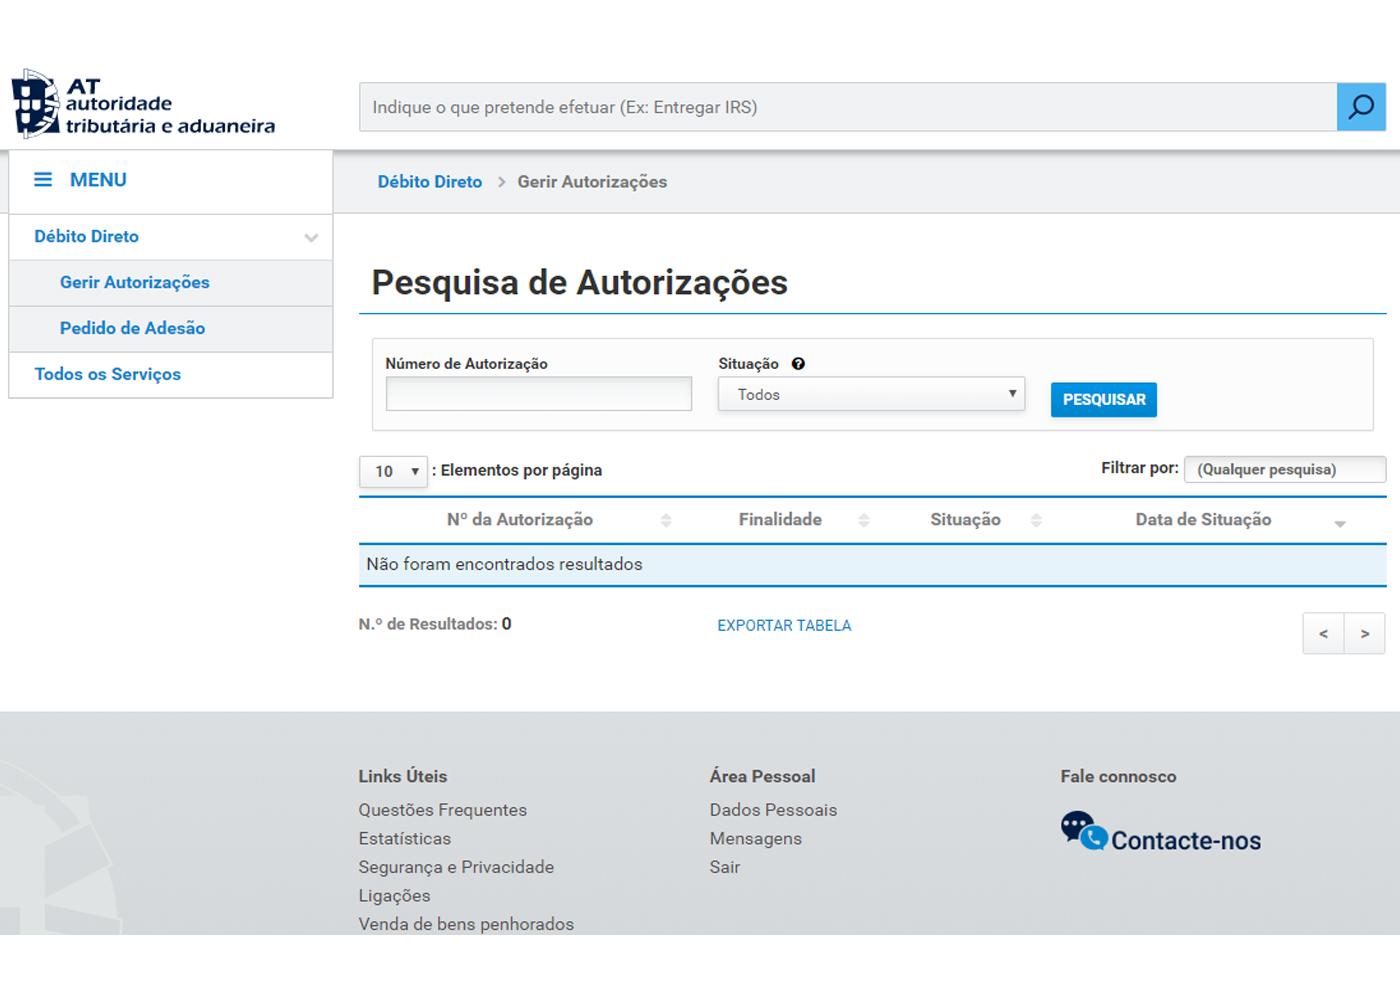 gerir autorizações portal finanças